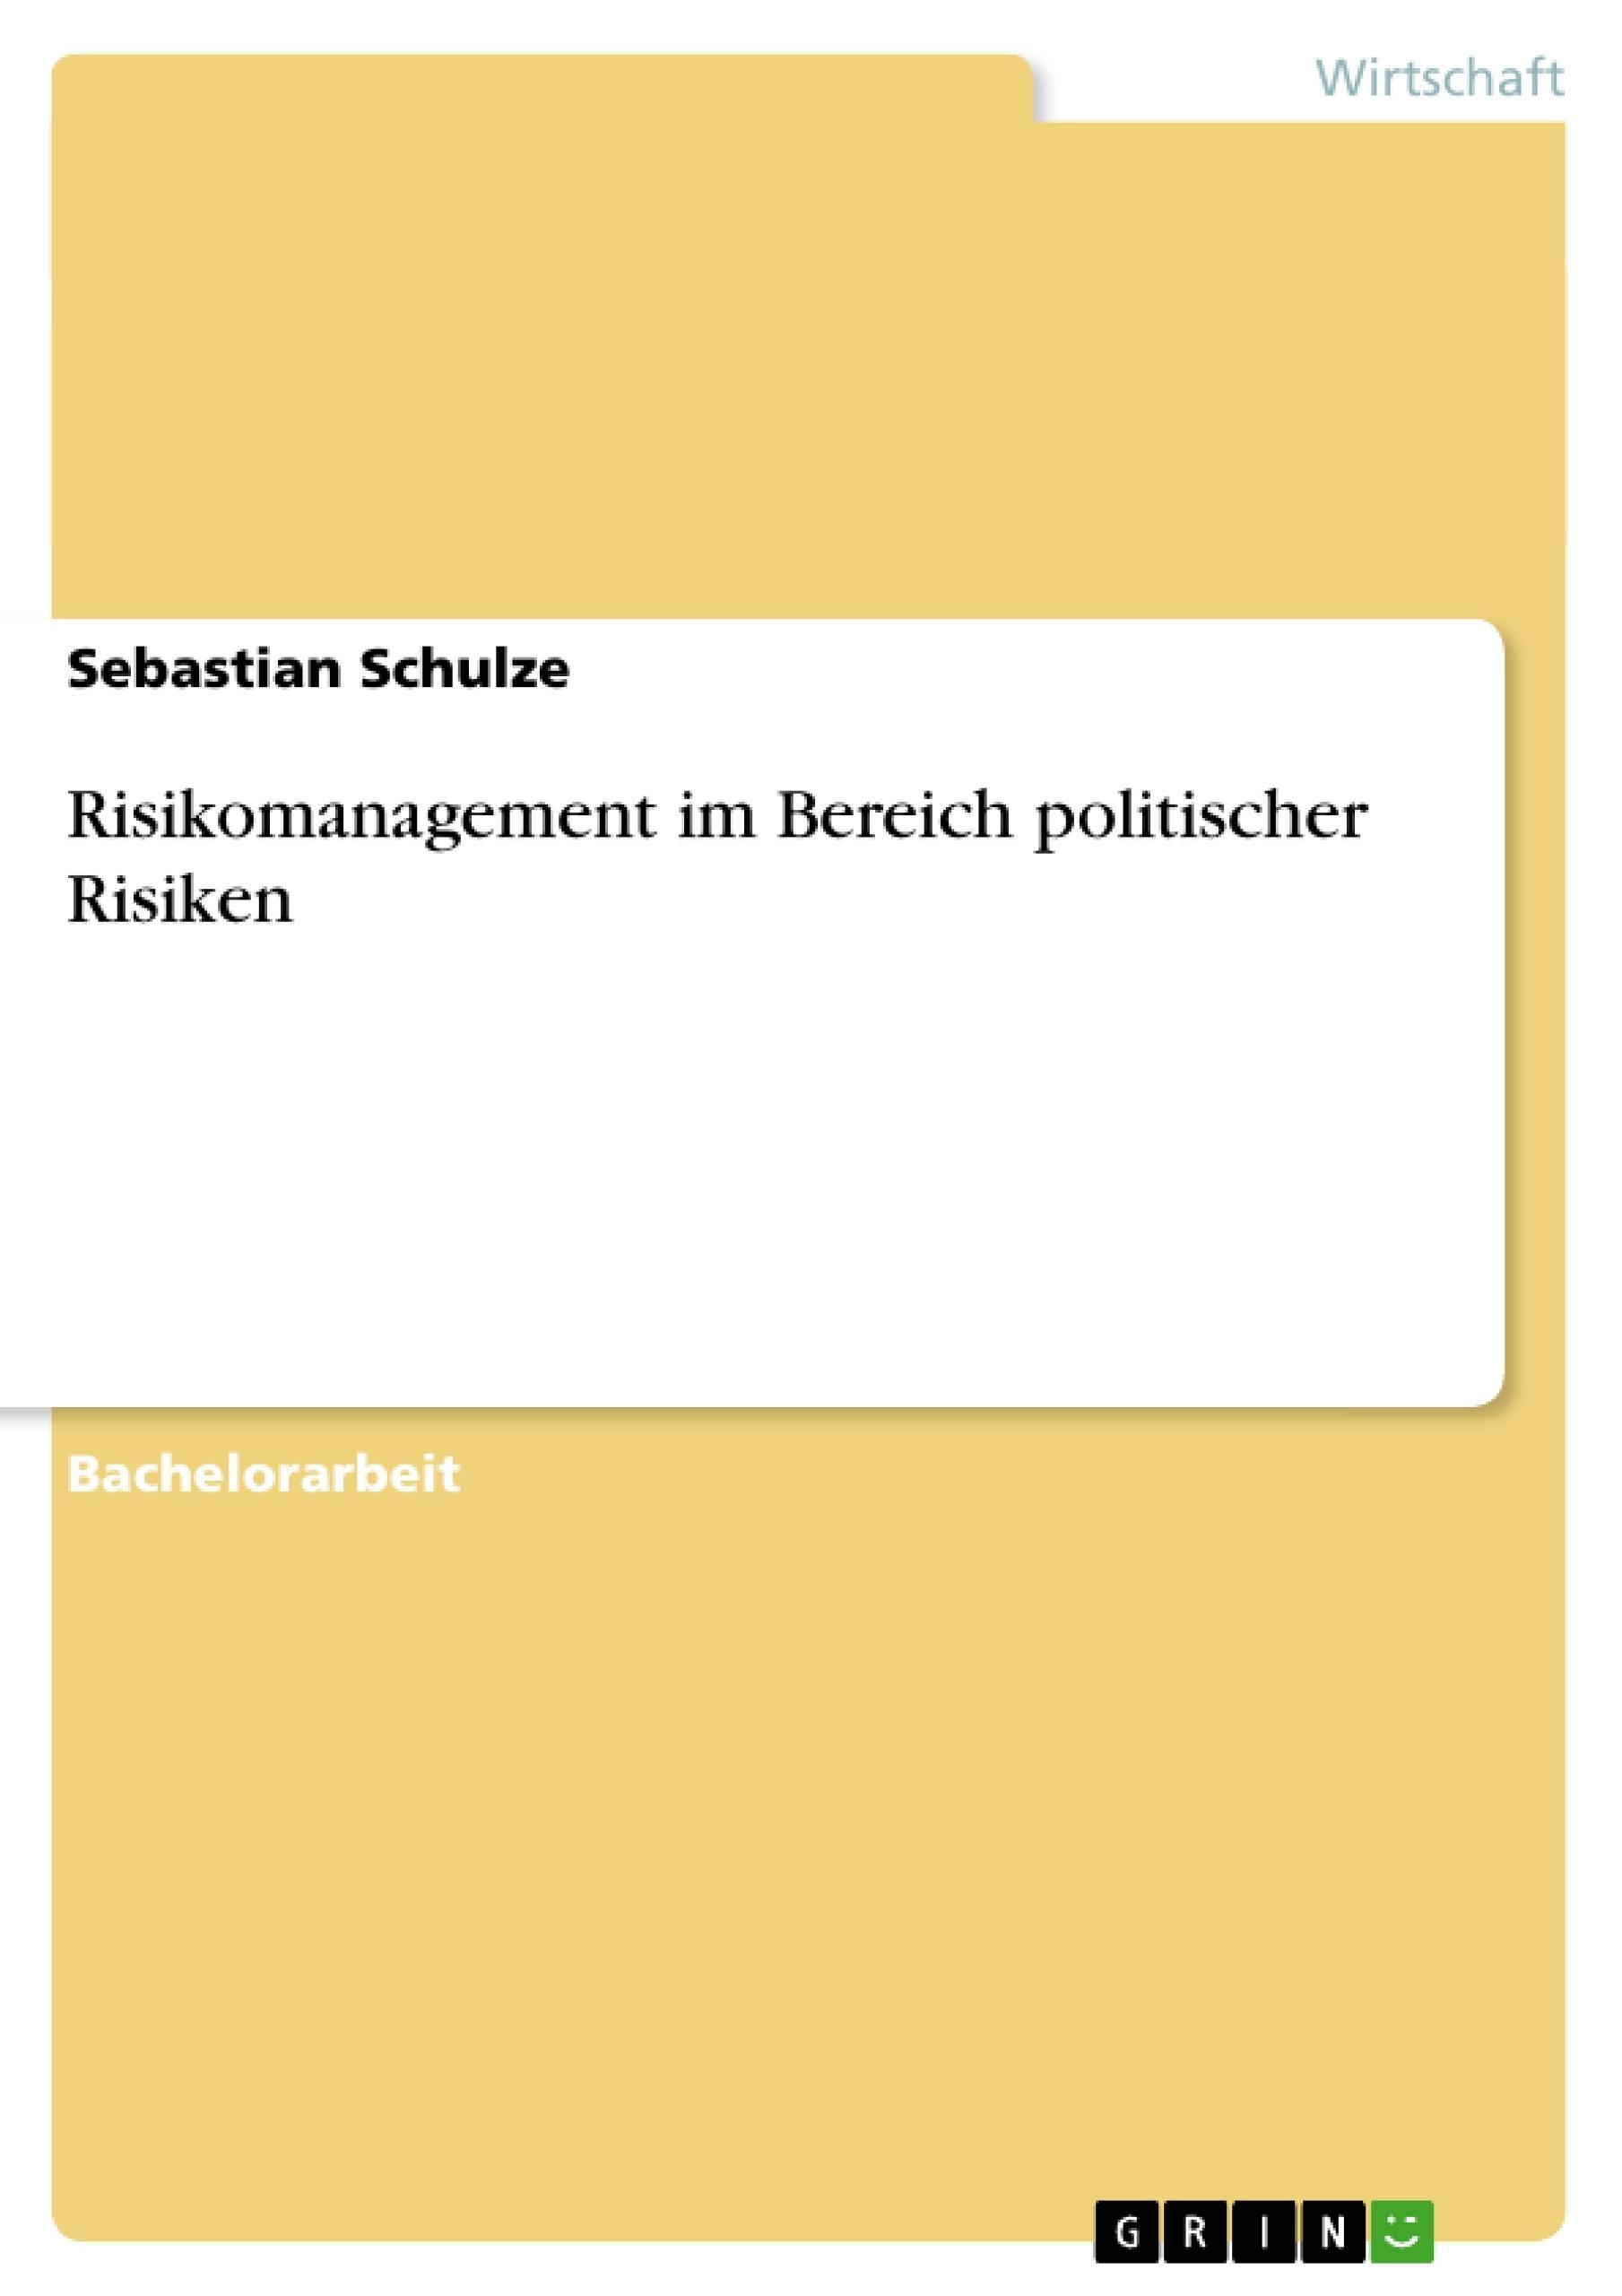 Titel: Risikomanagement im Bereich politischer Risiken